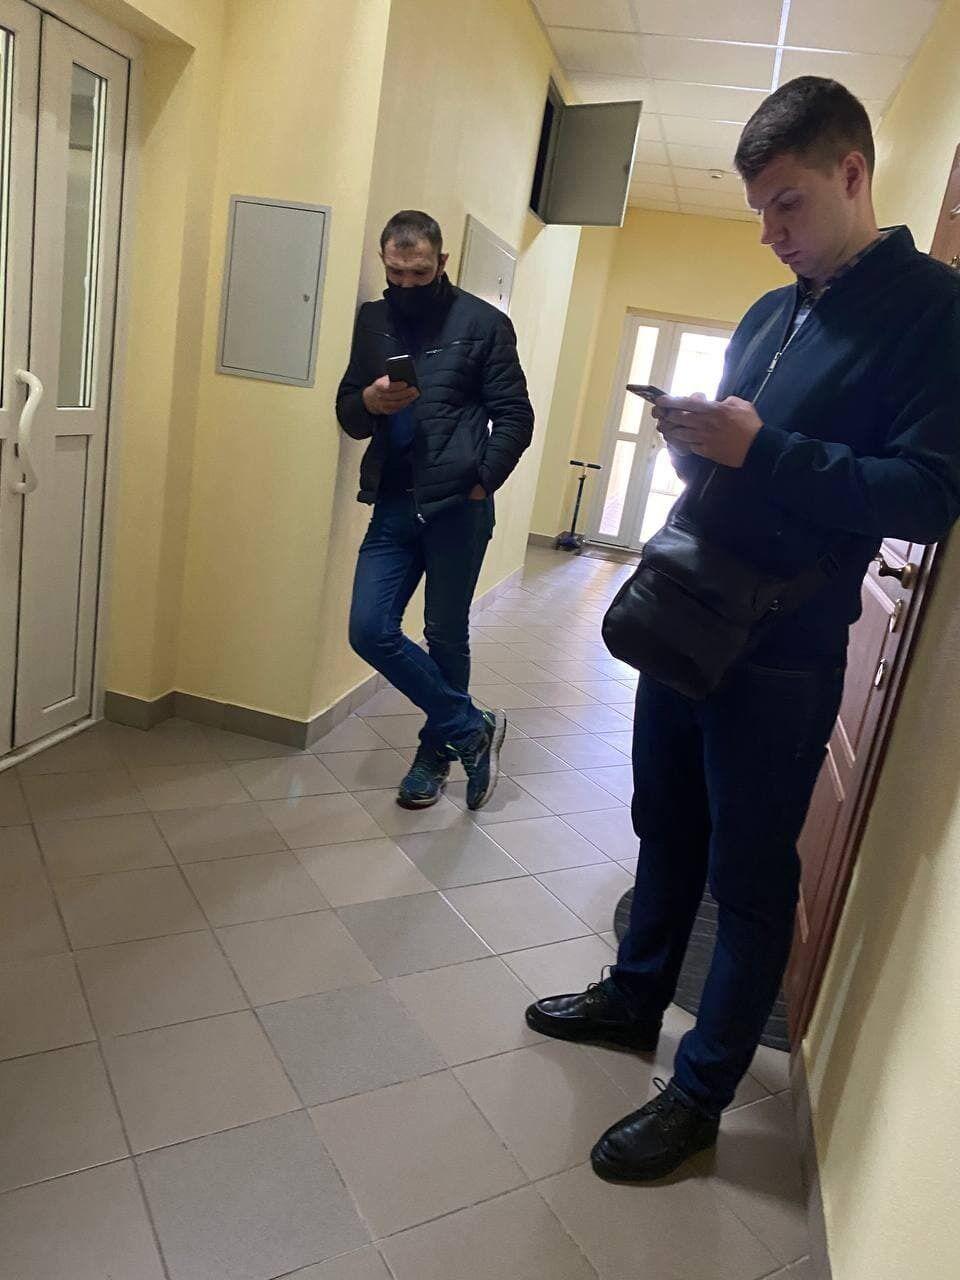 Вход на этаж Тупицкого охраняли два сотрудника управления Госохраны